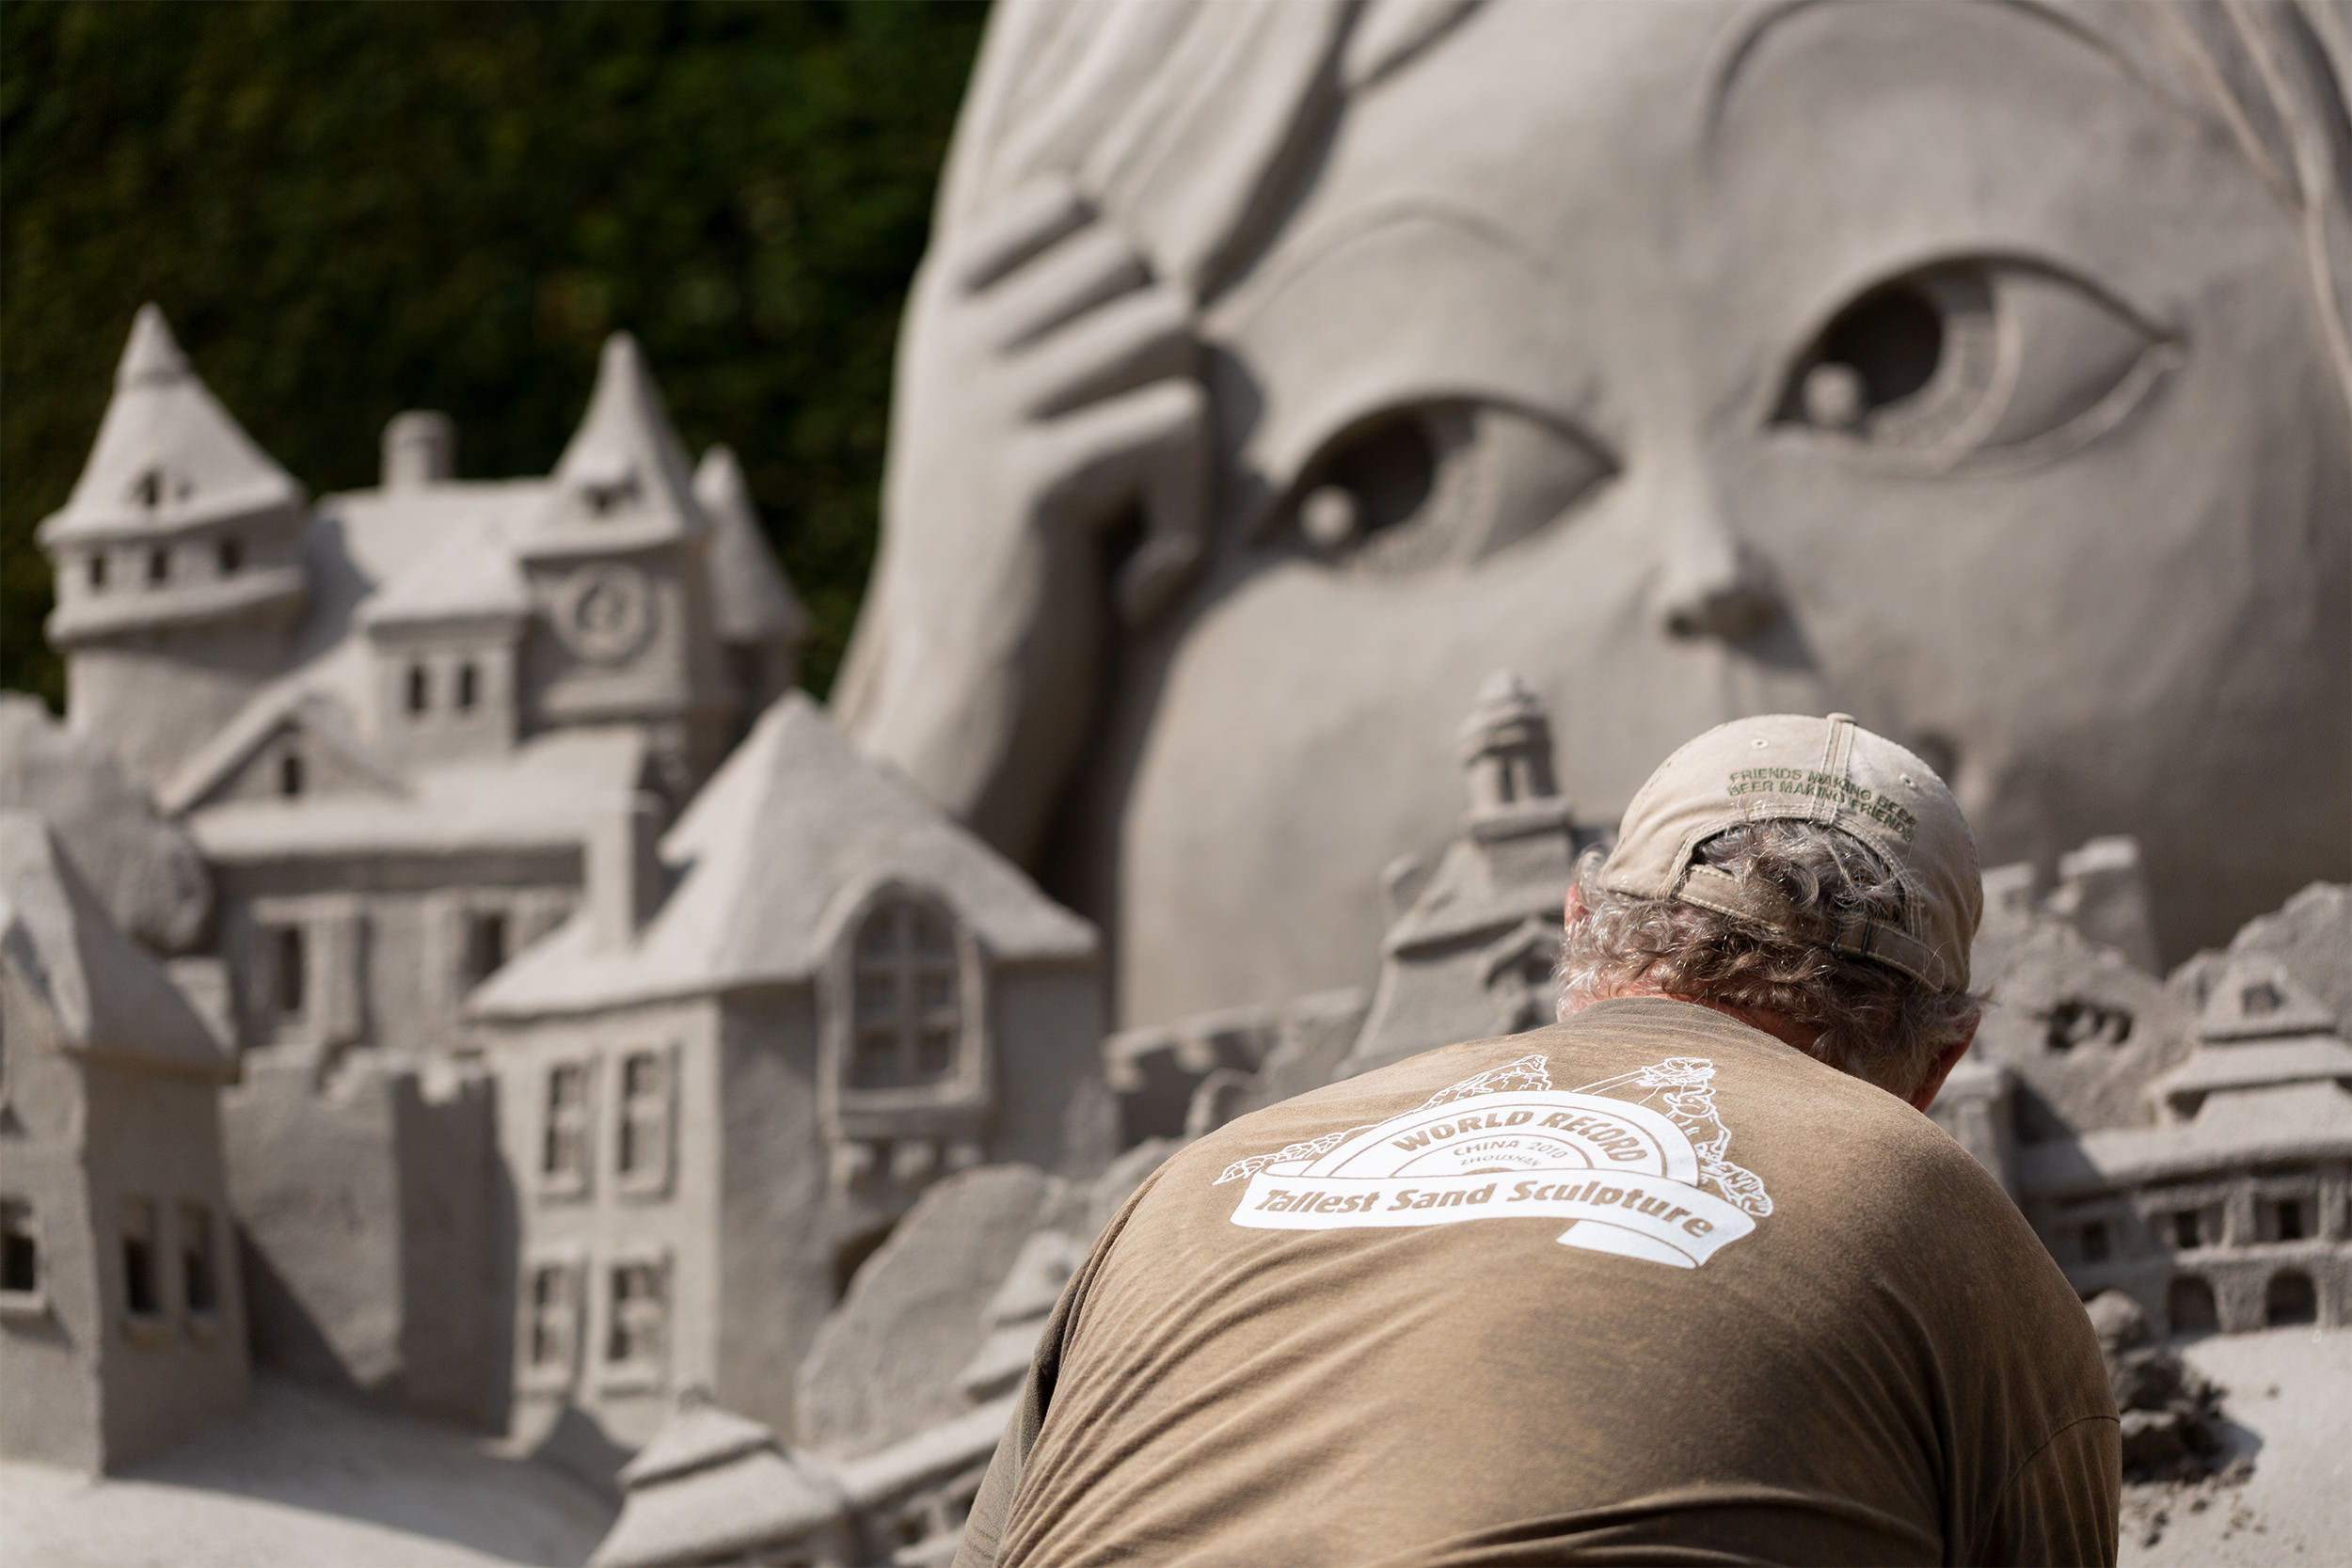 Gewinnermodell im Sandbauwettbewerb Blühendes Barock 2018